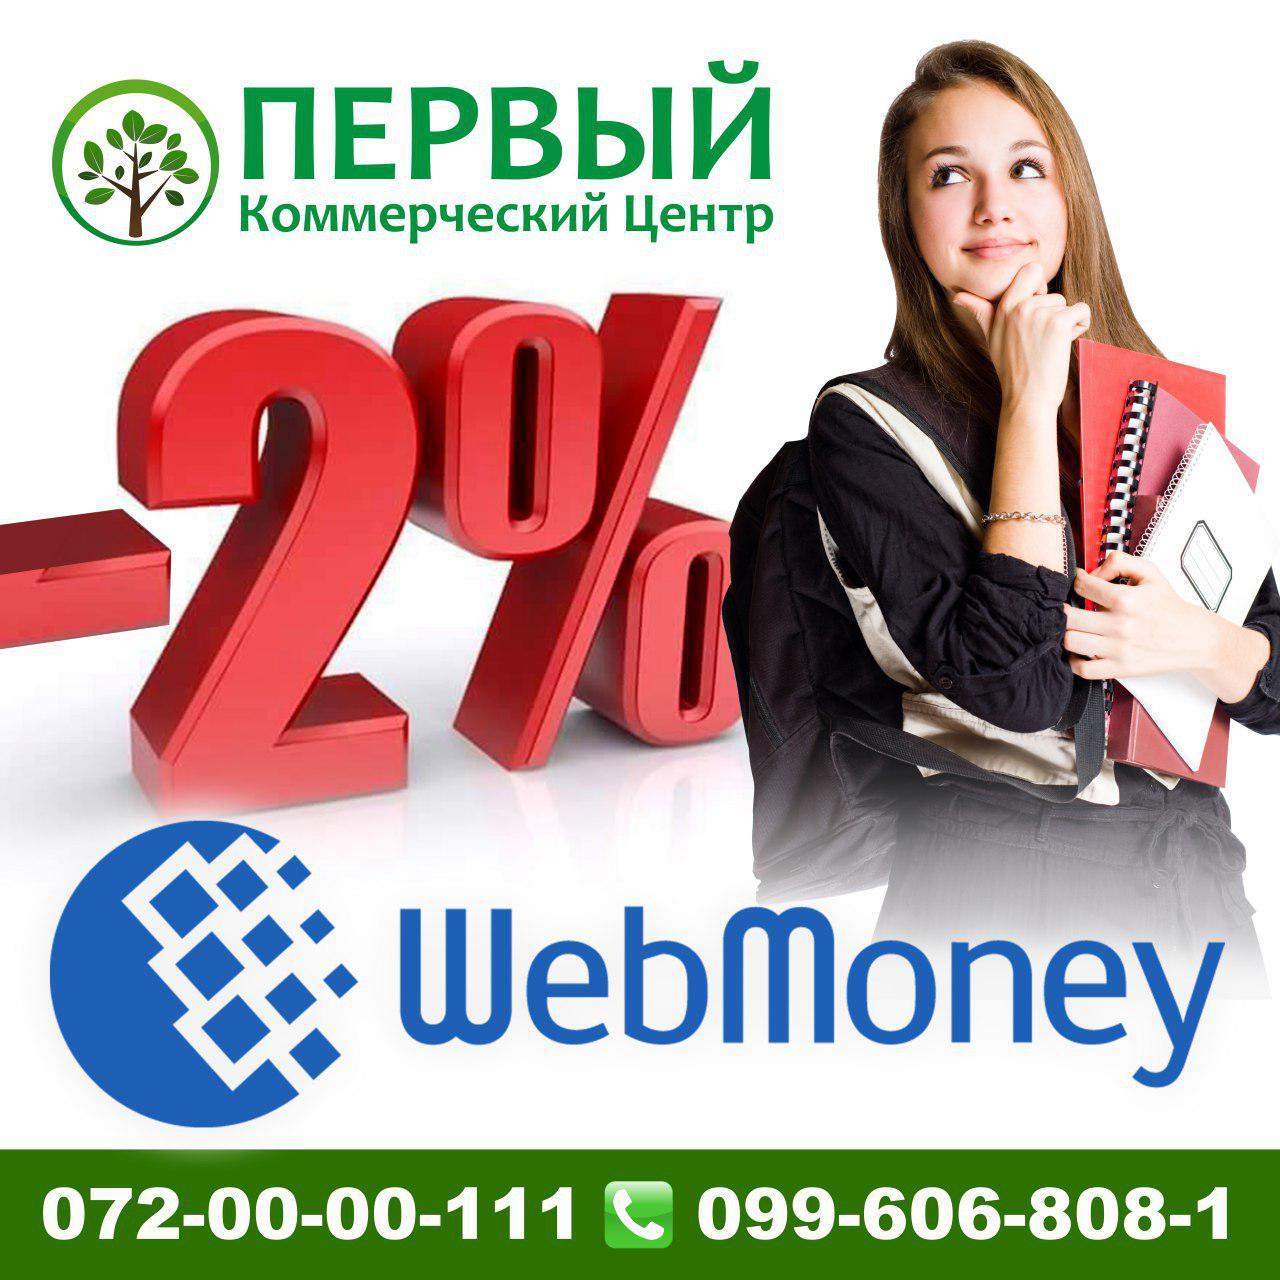 Обналичивание вебмани в луганске